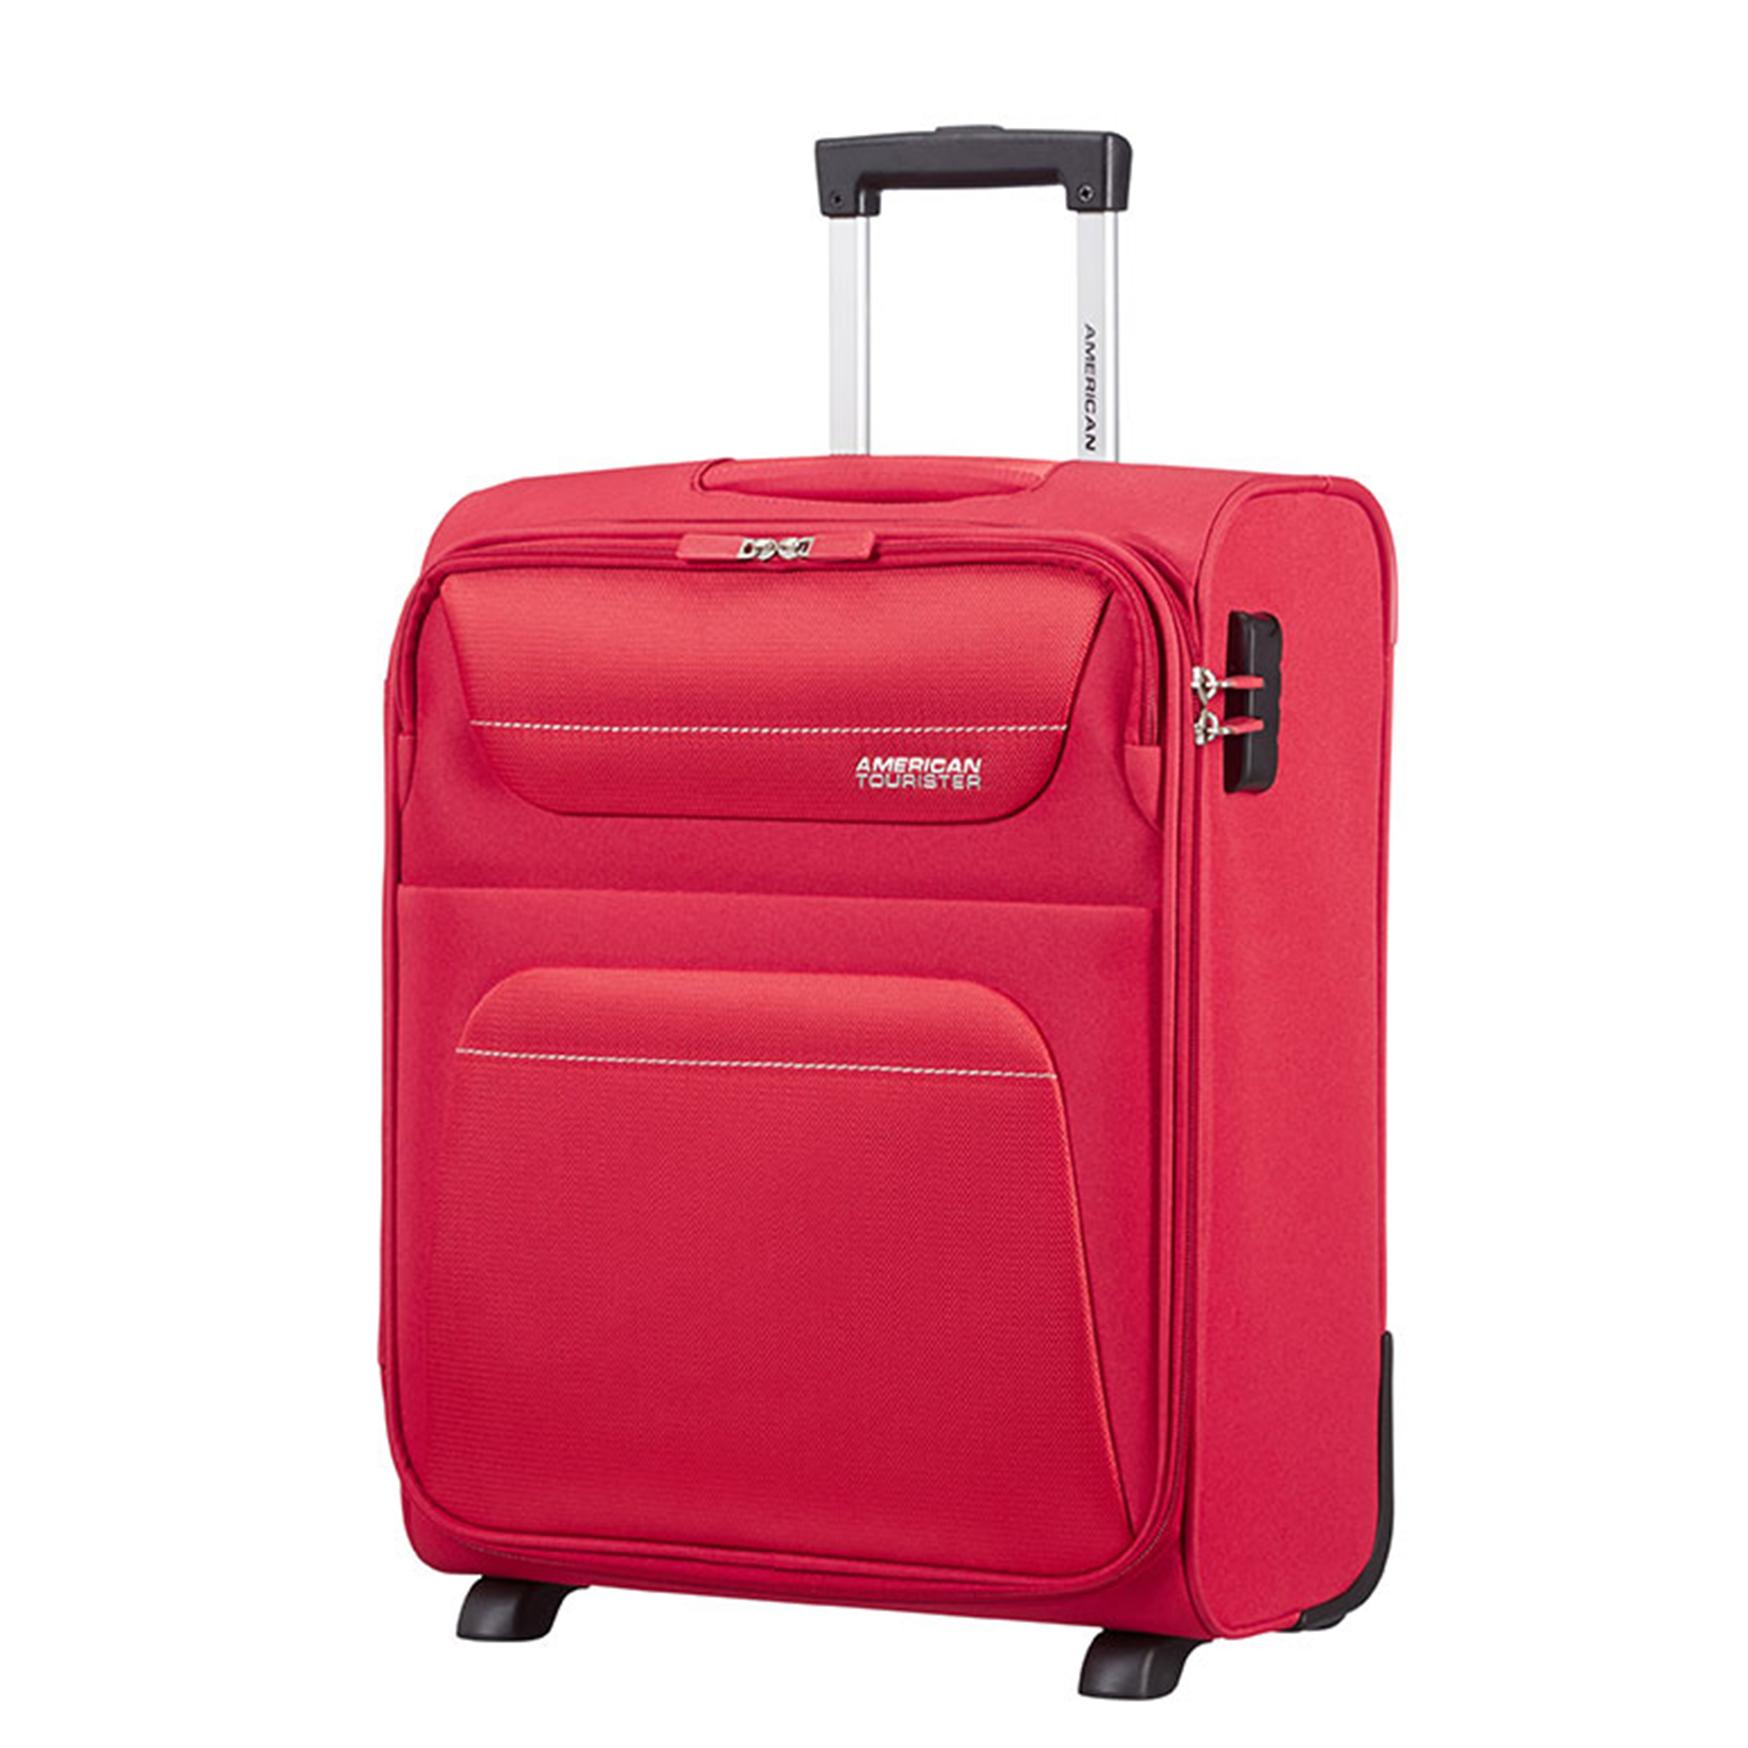 Bőrönd és táska diszkont - Viandi Kft. - Tel.  412-0285 - 1134 ... 68a0146eba